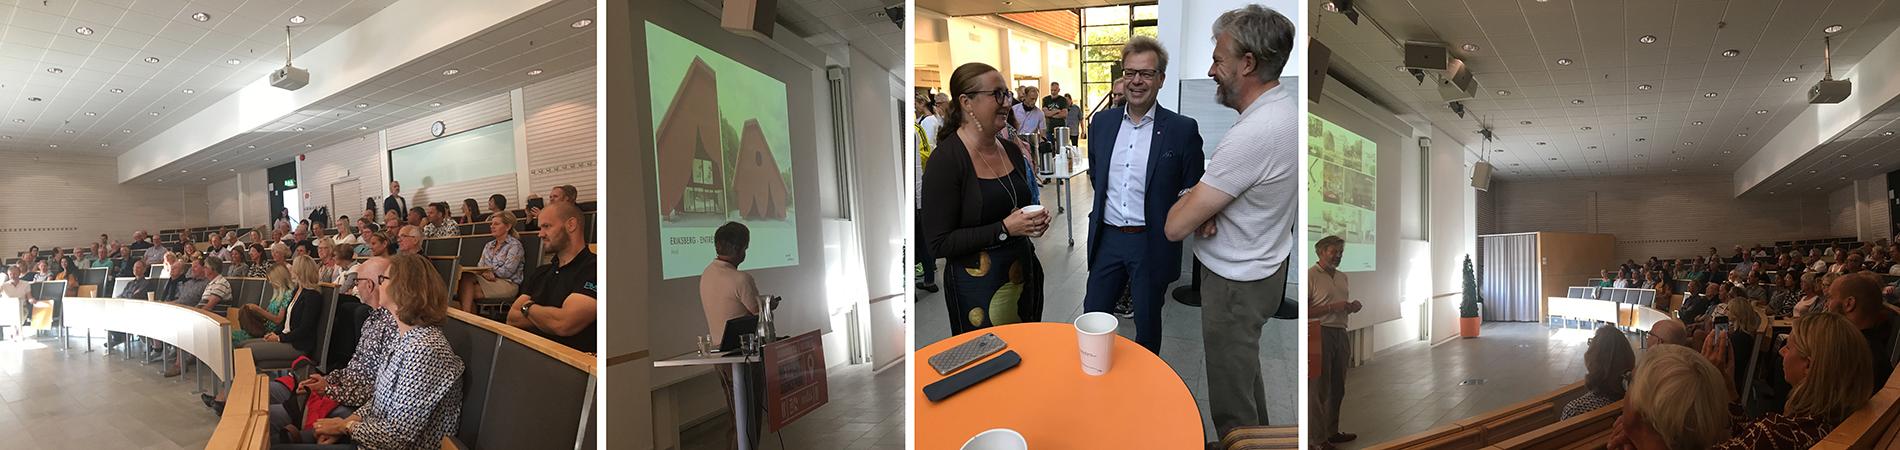 """Thomas Sandell: """"Ny arkitektur skaver lite grand och ska väcka lite debatt. Vi lär oss att uppskatta saker när det har passerat lite tid..."""" Foton: Emina Kovacic och Rolf Hammar"""